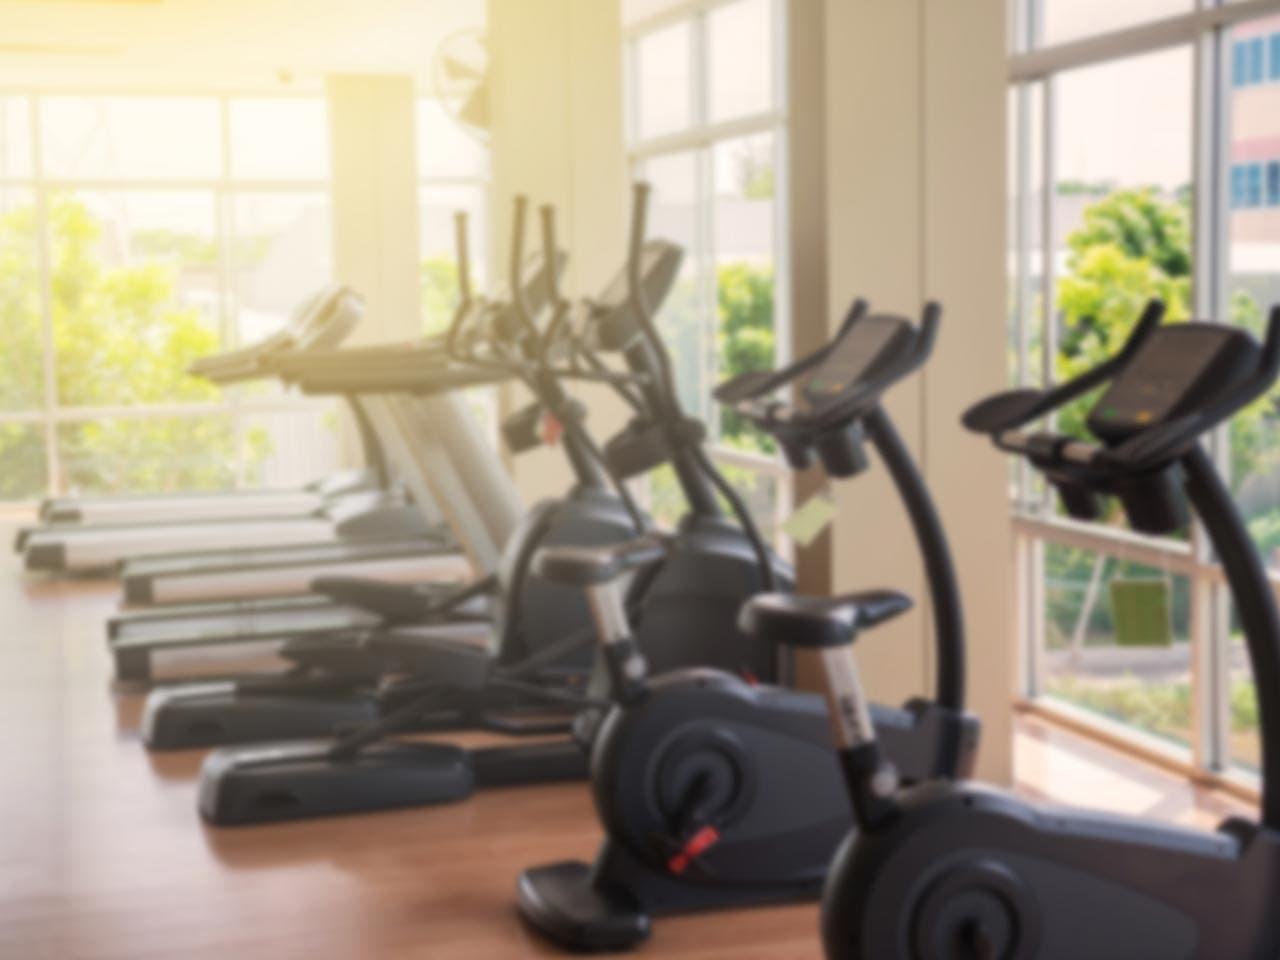 Gym | Bigone/Shutterstock.com